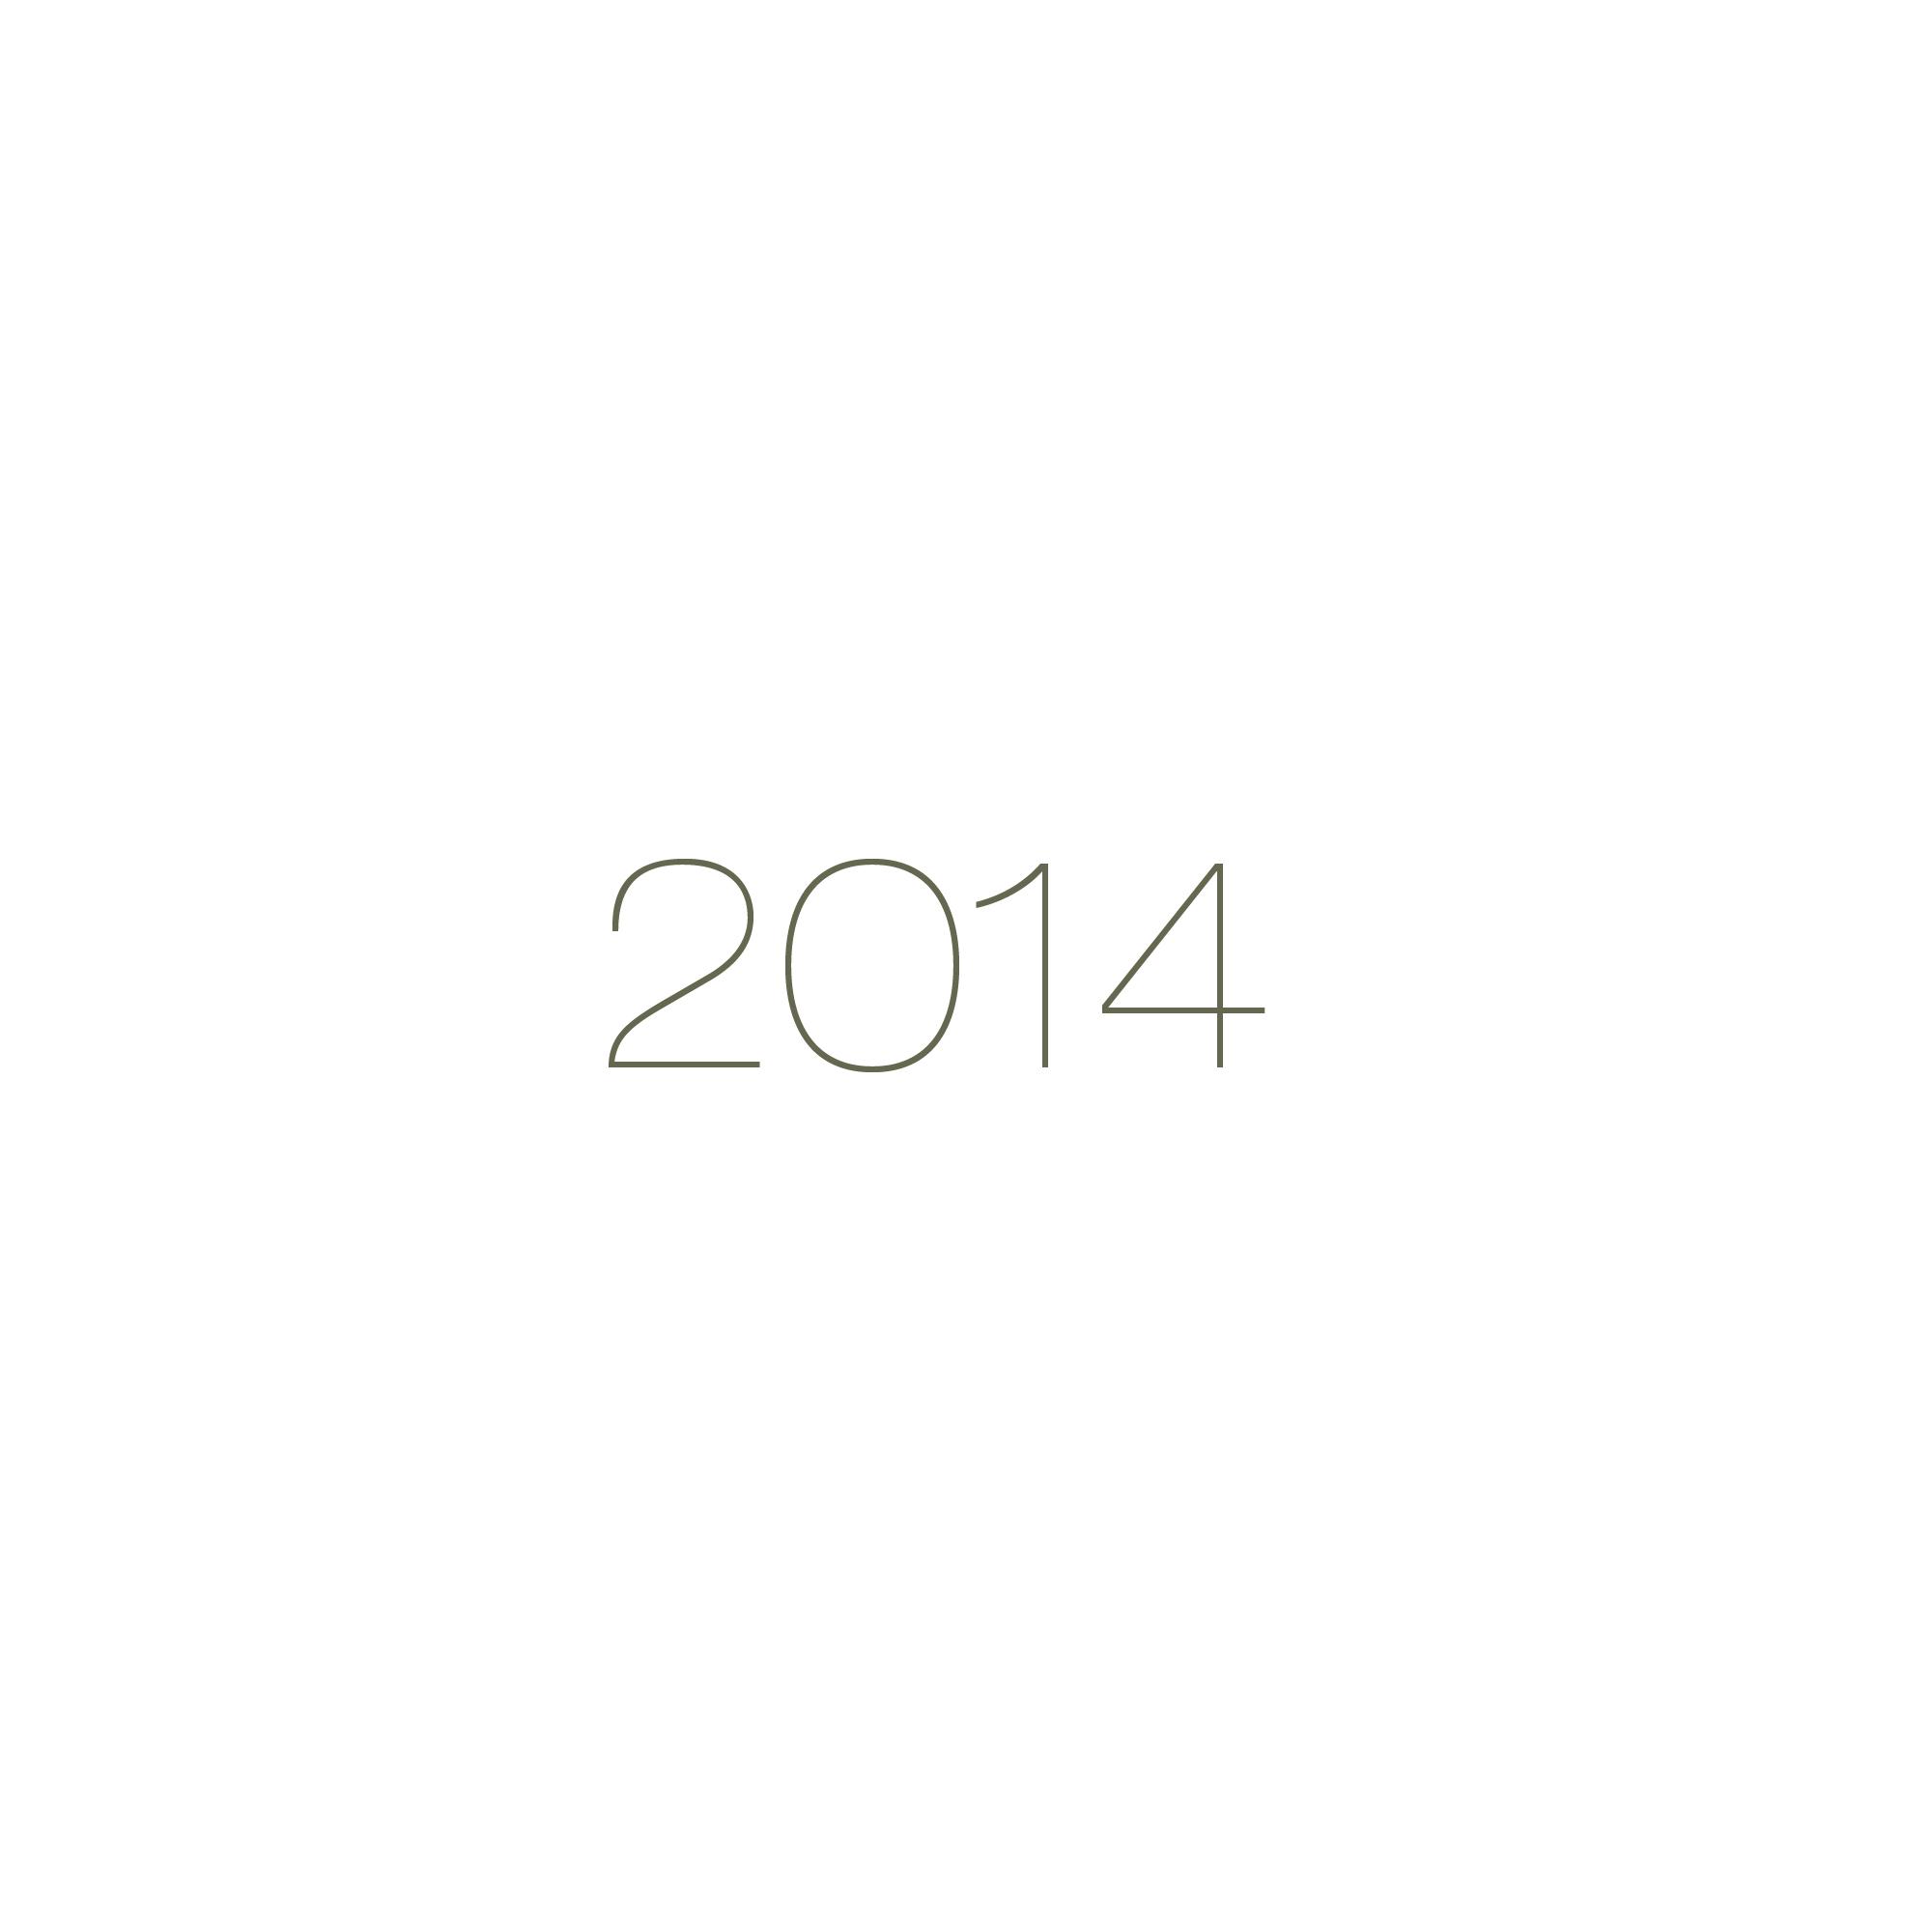 20140101 for Us.jpg